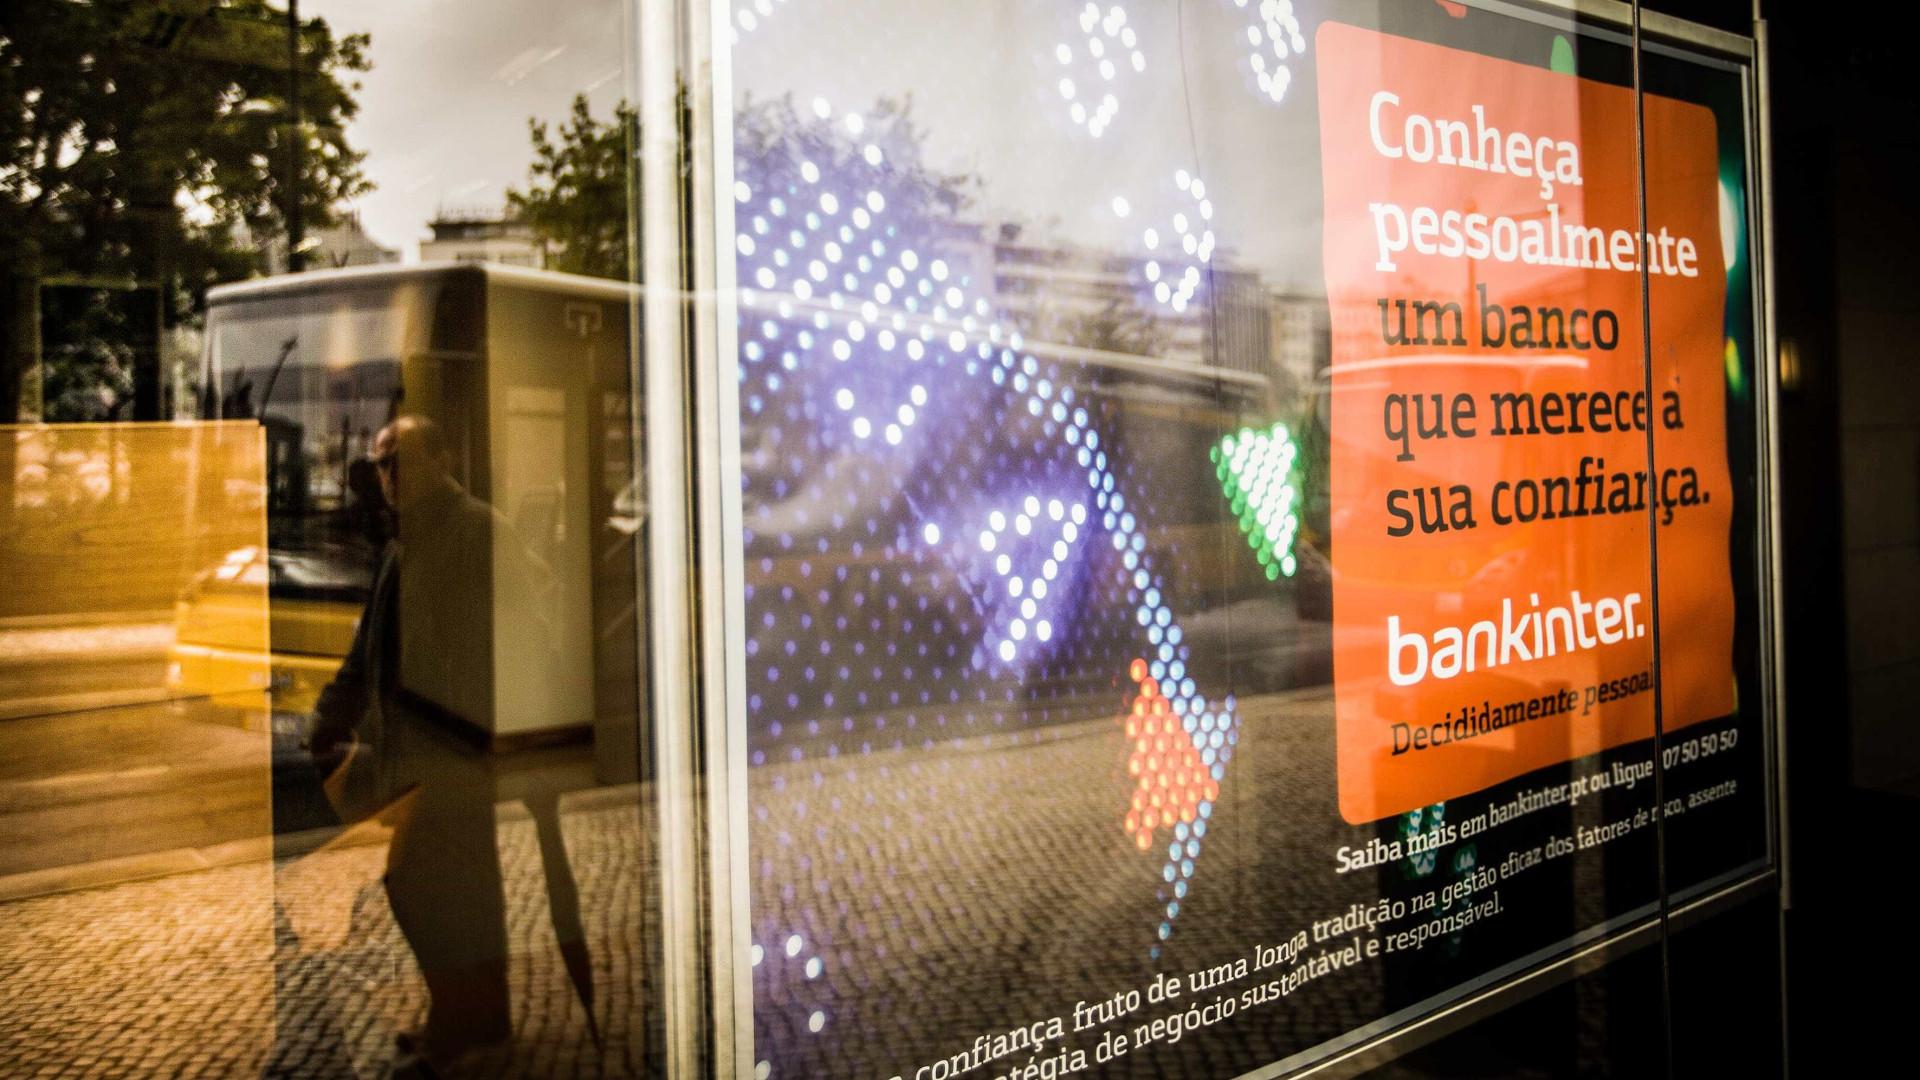 Bankinter desce o spread e passa a ter oferta mais barata em Portugal